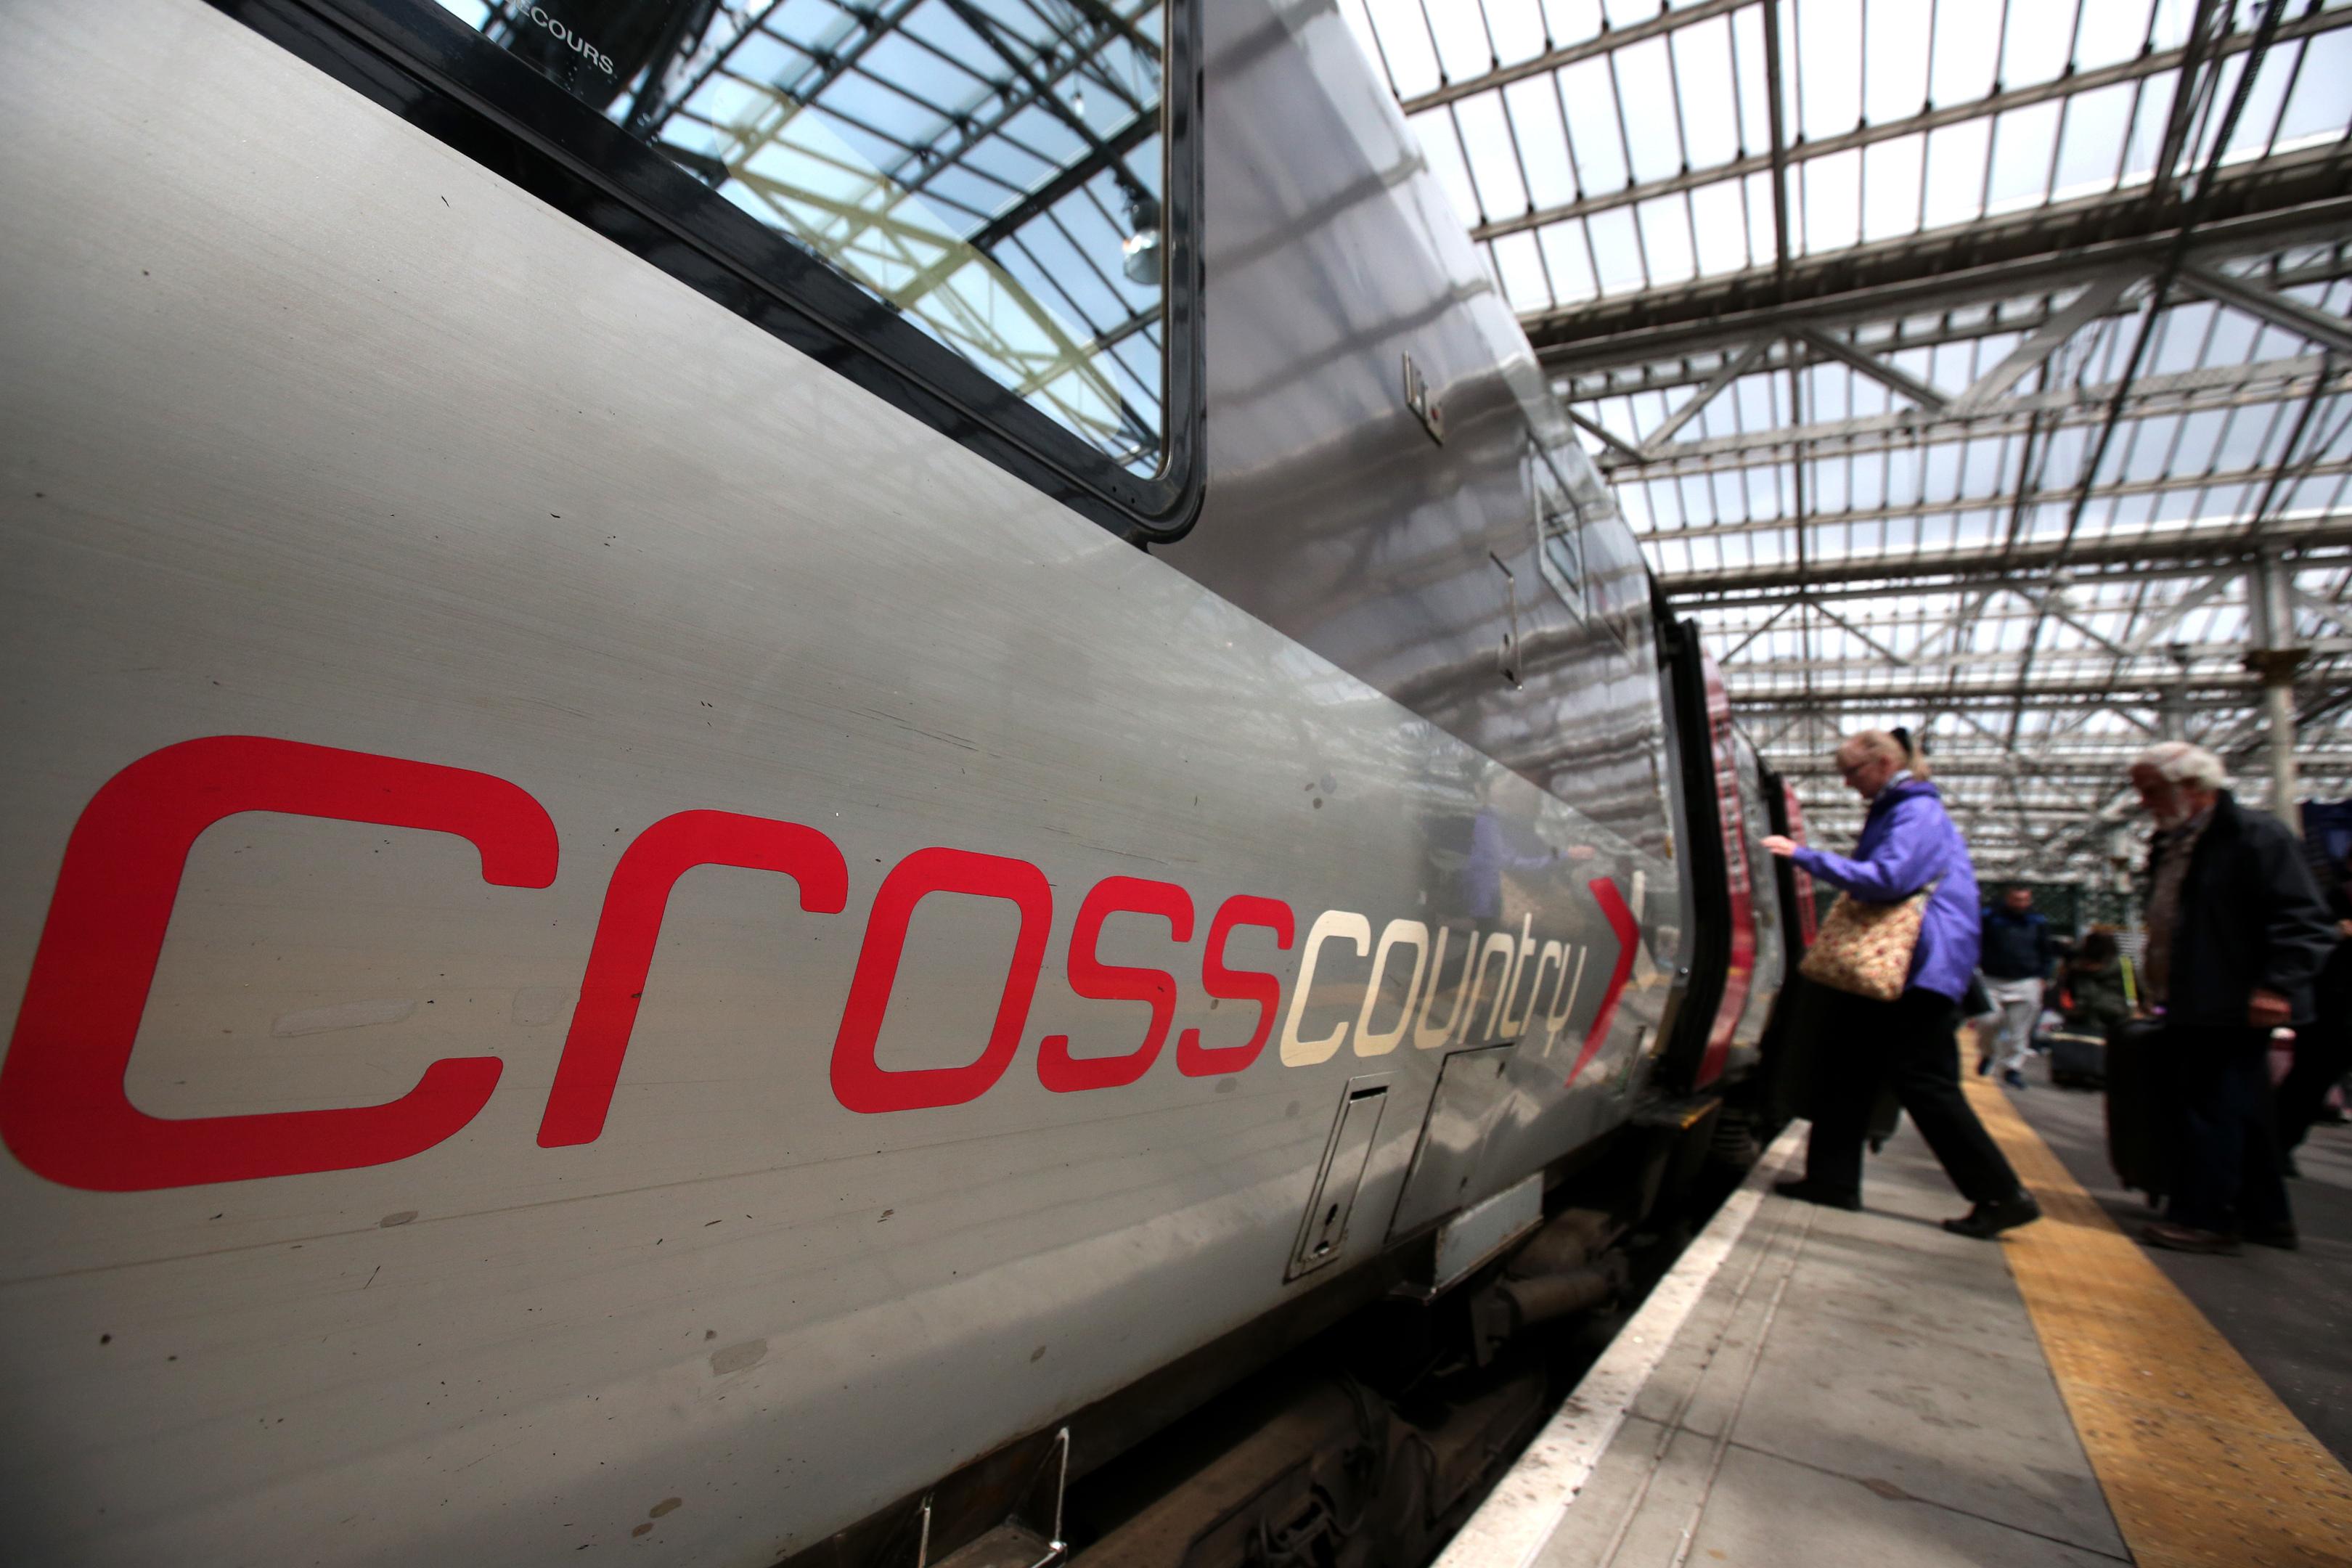 A Crosscountry train at Edinburgh Waverley Station